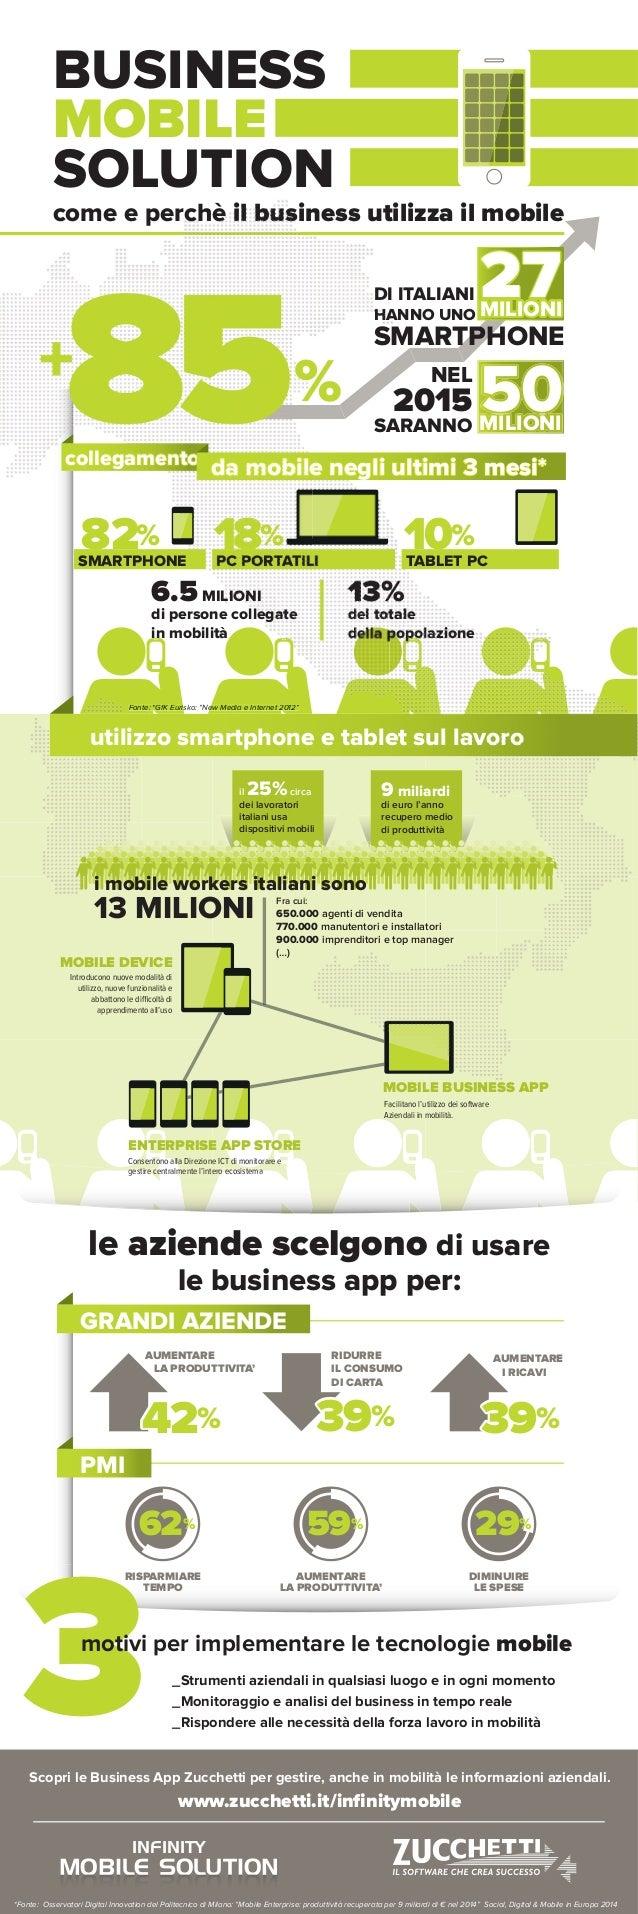 BUSINESS MOBILE SOLUTION come e perchè il business utilizza il mobile %+ 85 DI ITALIANI HANNO UNO SMARTPHONE NEL 2015 SARA...